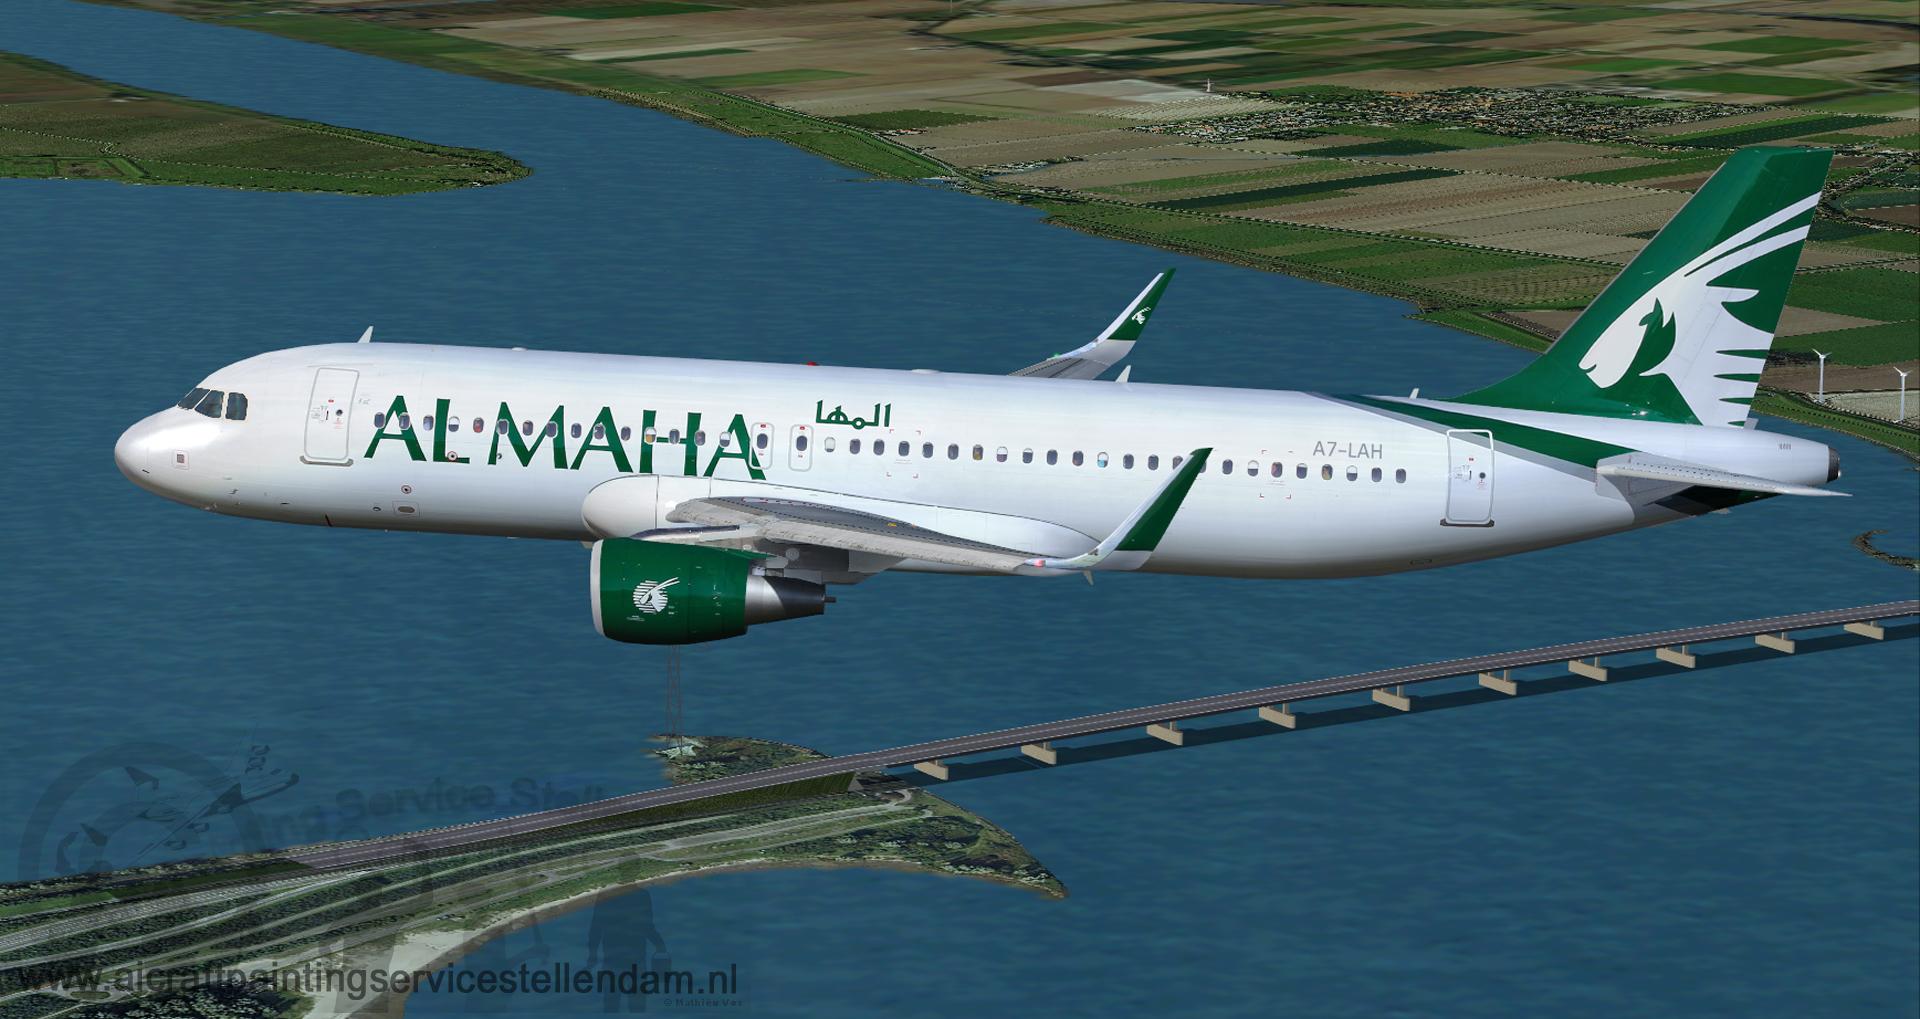 ProjectAirbusA320-214wl_Almaha Airways_A7-LAH5